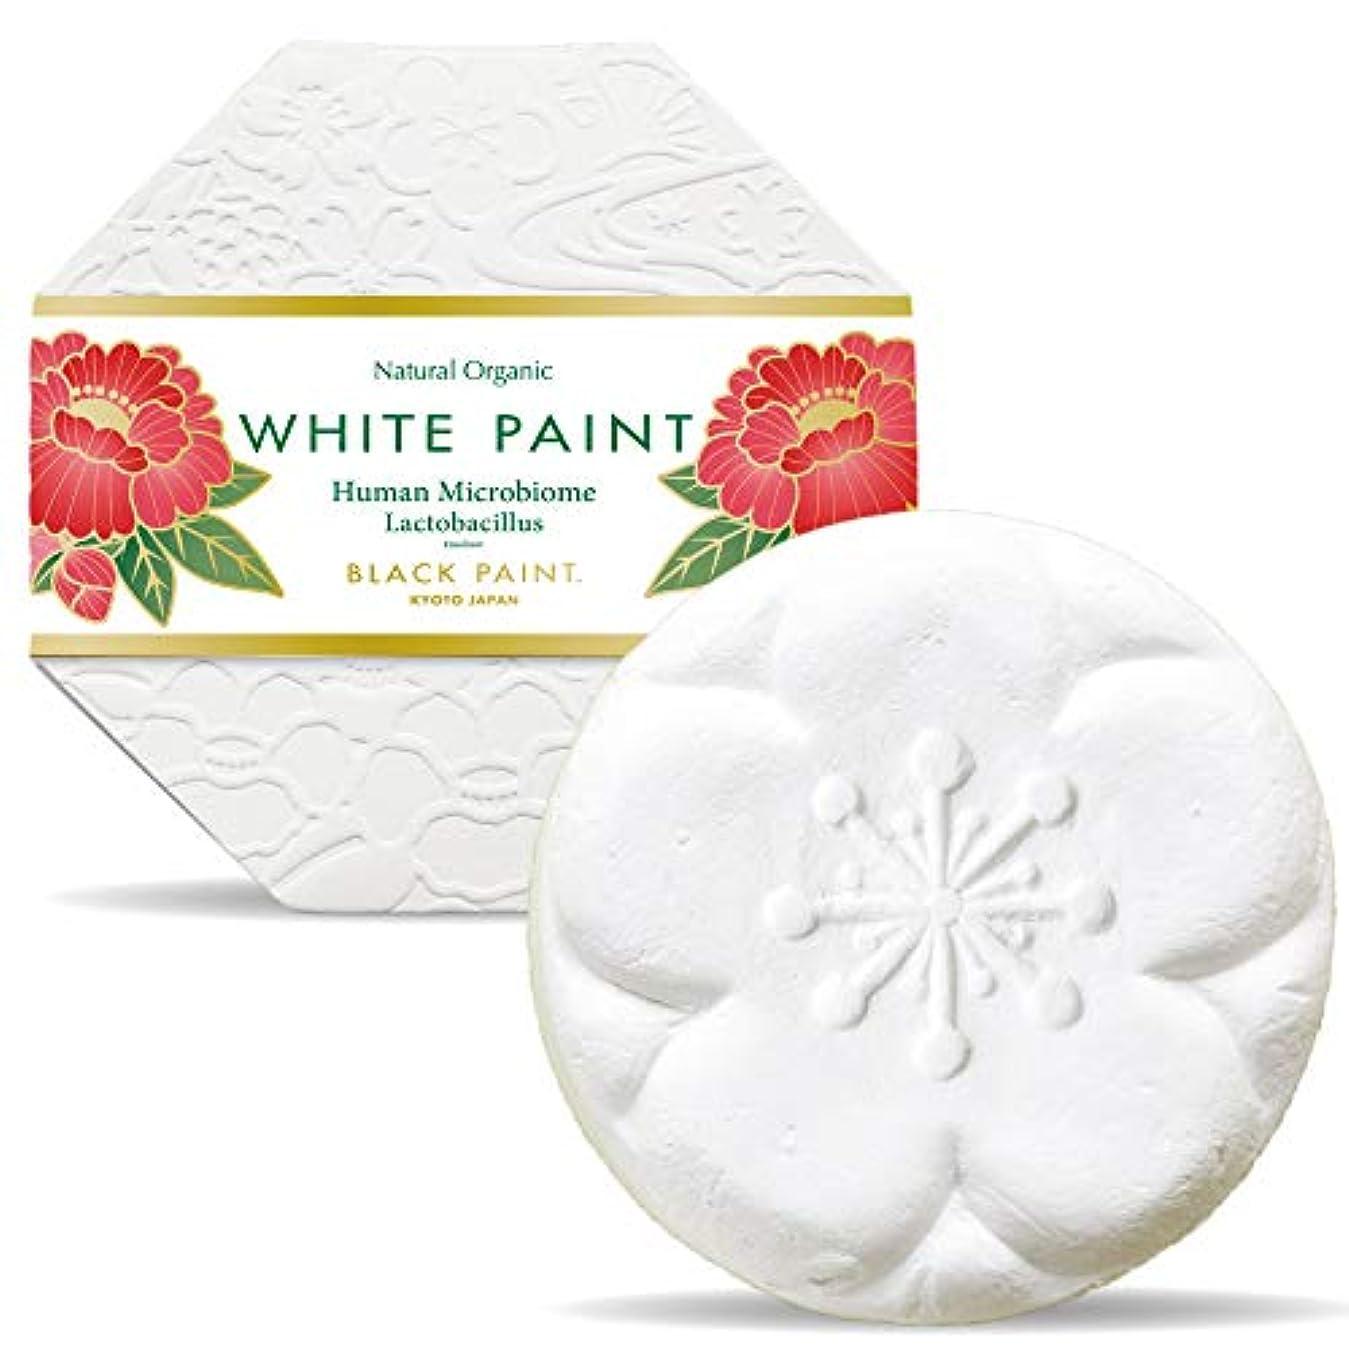 韓国語どちらもヒゲプレミアム ホワイトペイント 120g 塗る洗顔 石鹸 無添加 国産 …